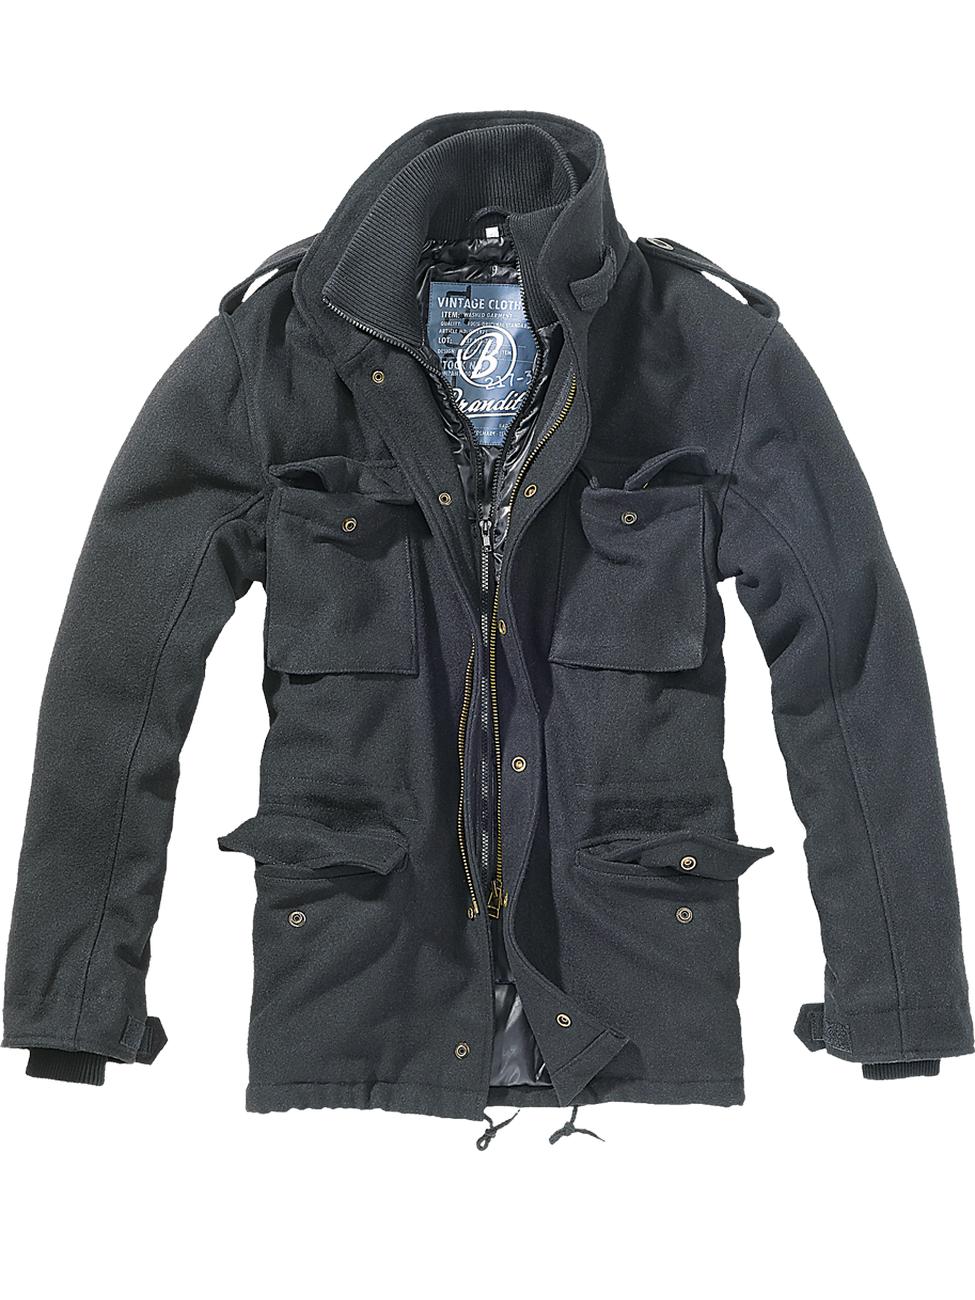 Brandit Herren Jacke M-65 Voyager Wool